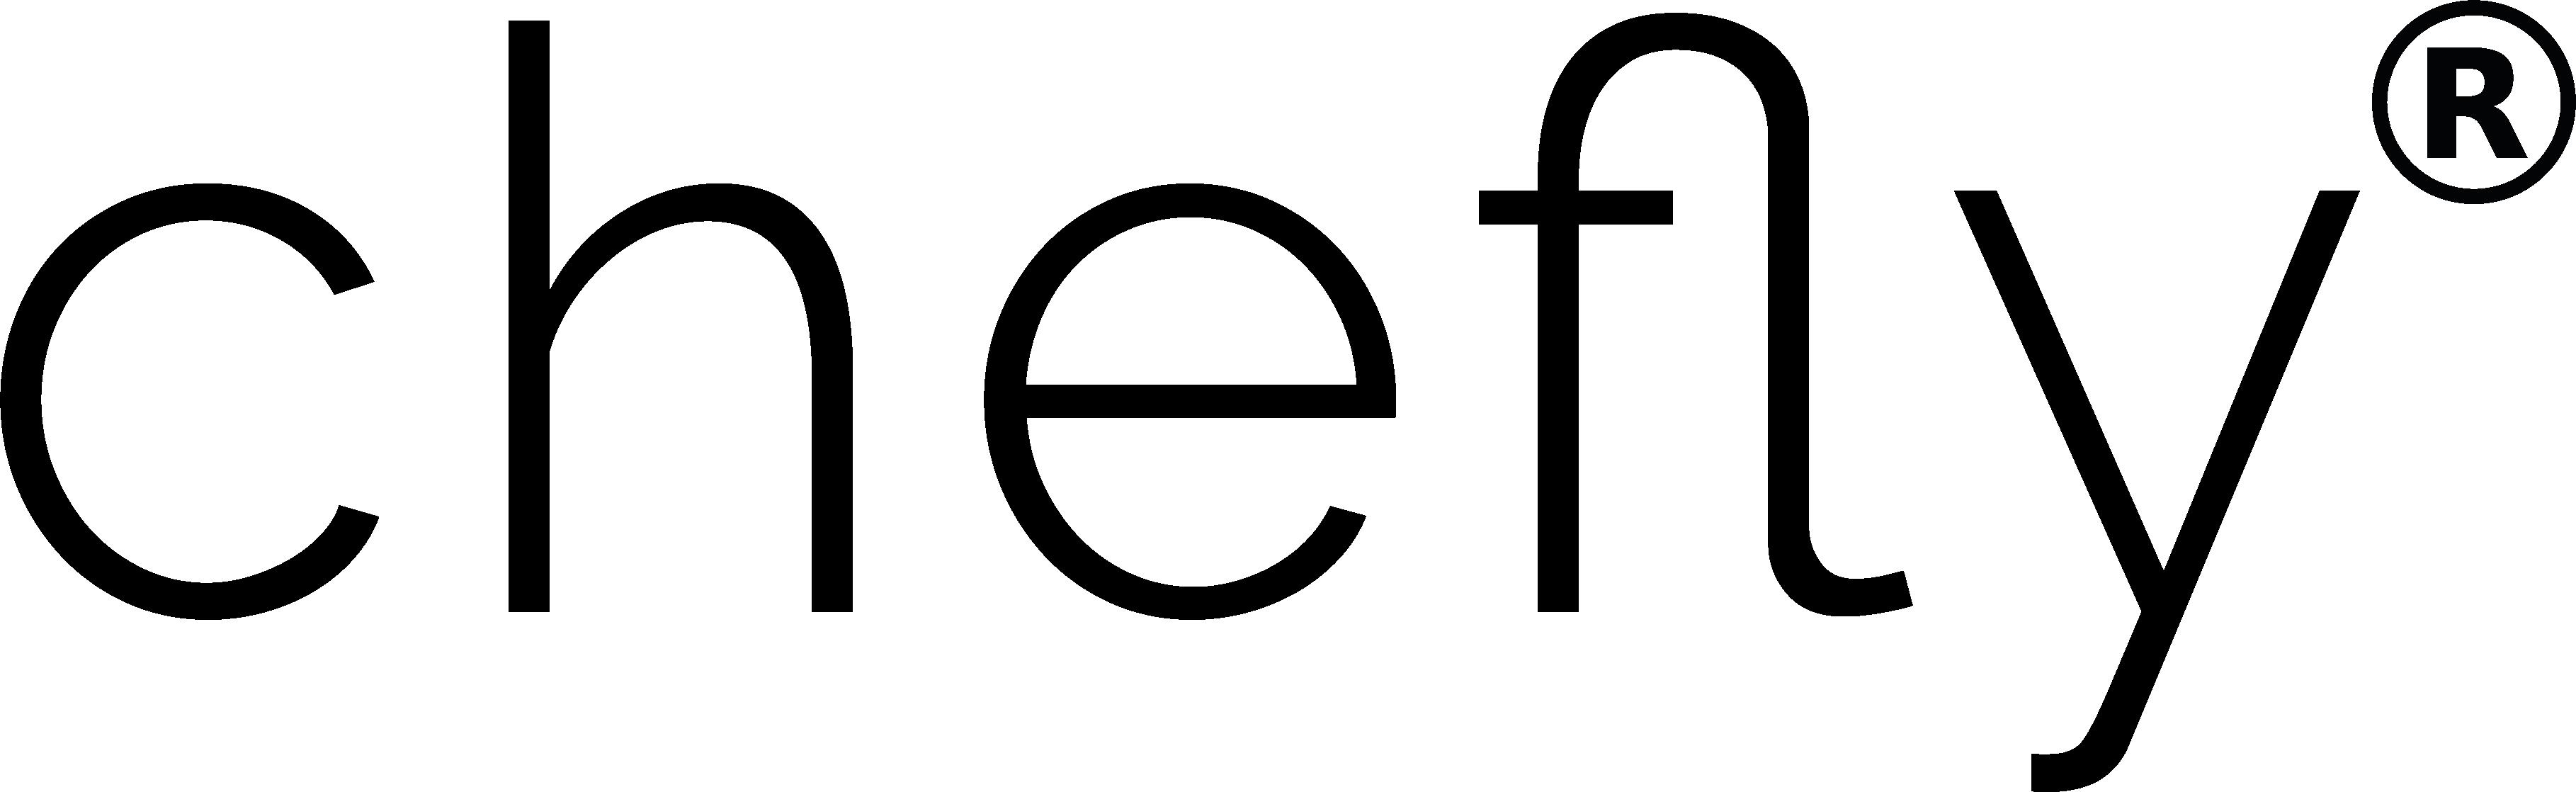 Chefly Logo